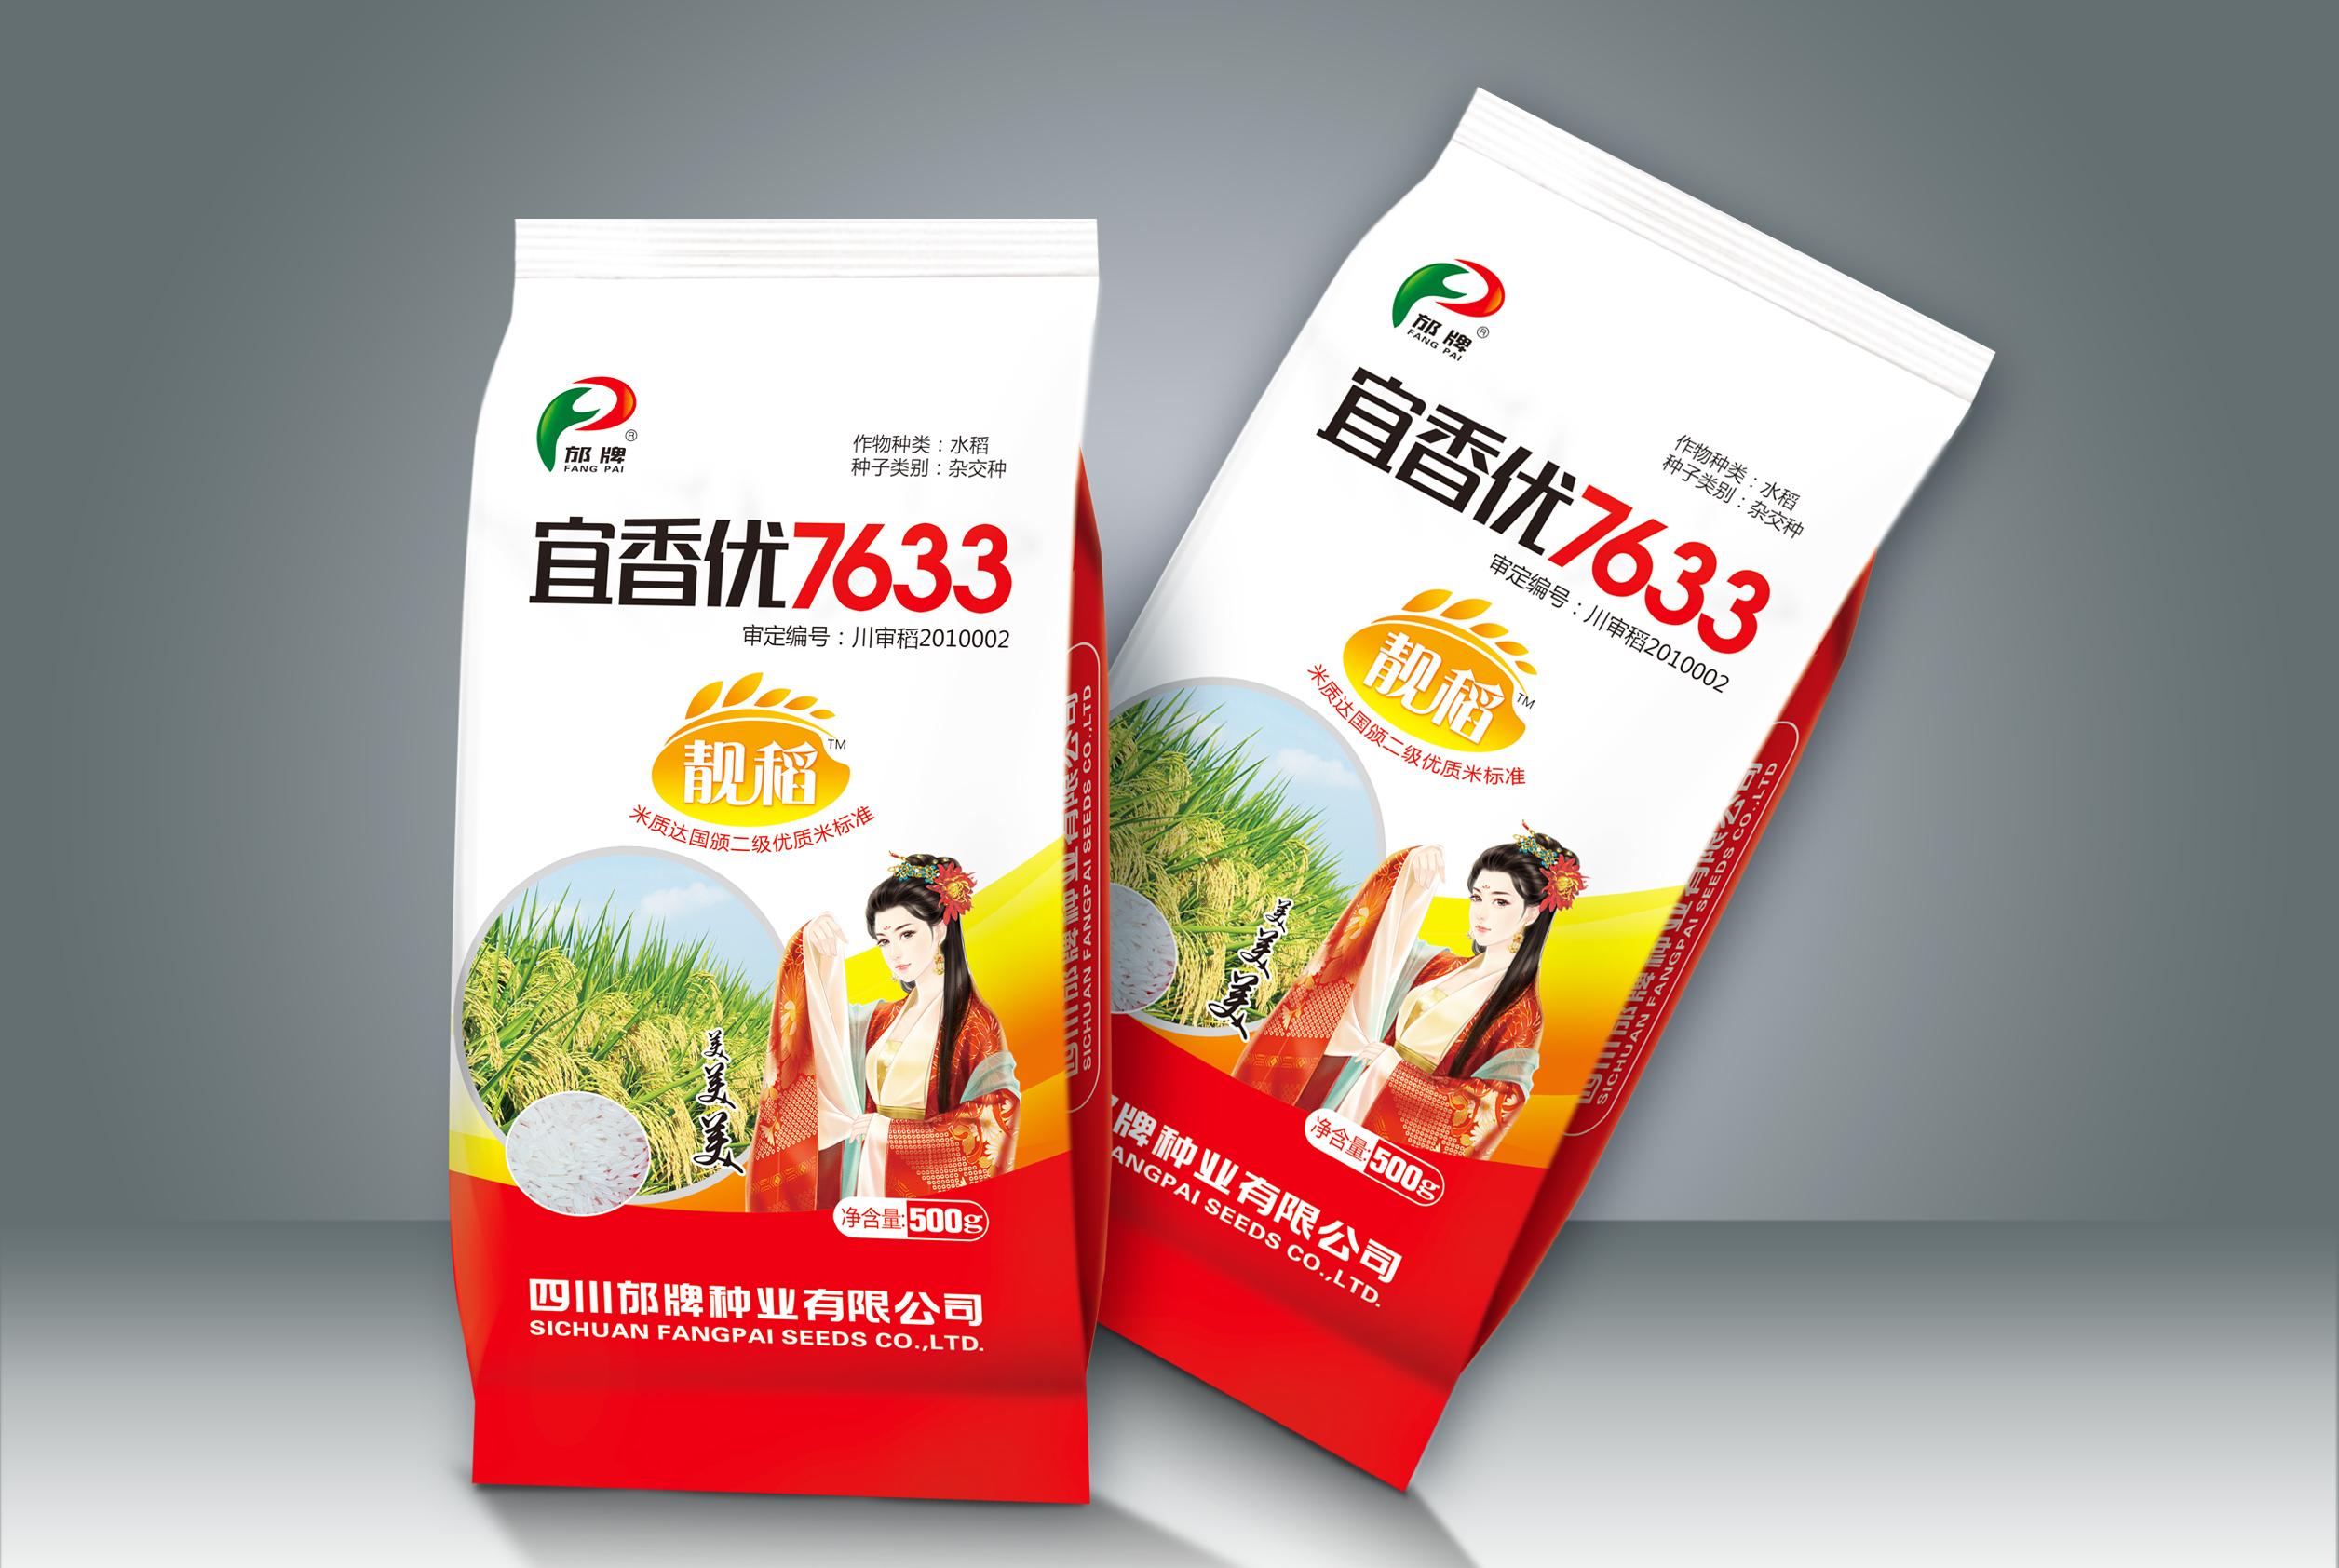 品种名称:宜香优7633